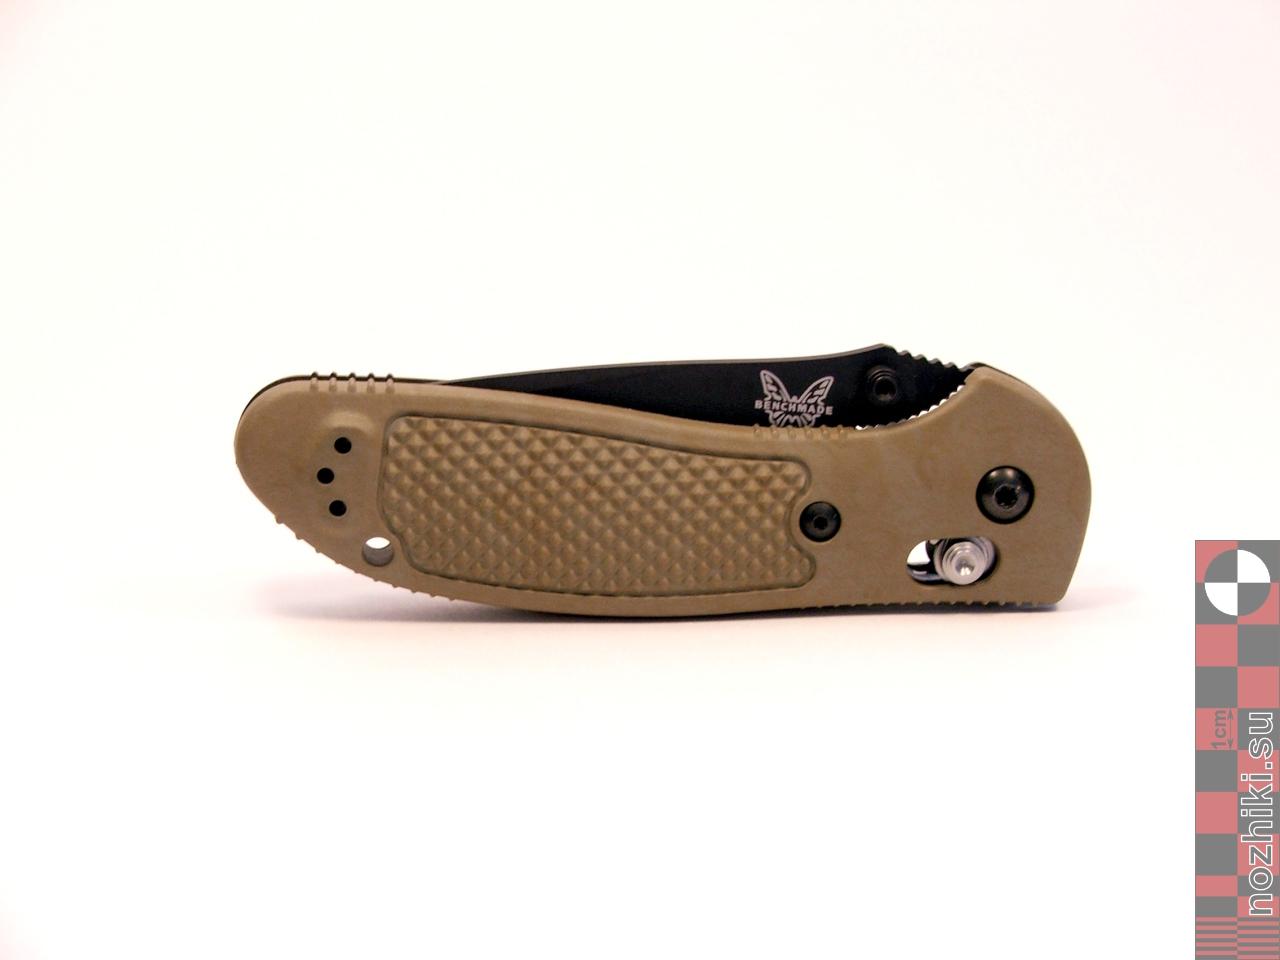 Benchmade-pocket-knife-Griptilian-BM551BKSN-dscf1689. нож Benchmade Griptil